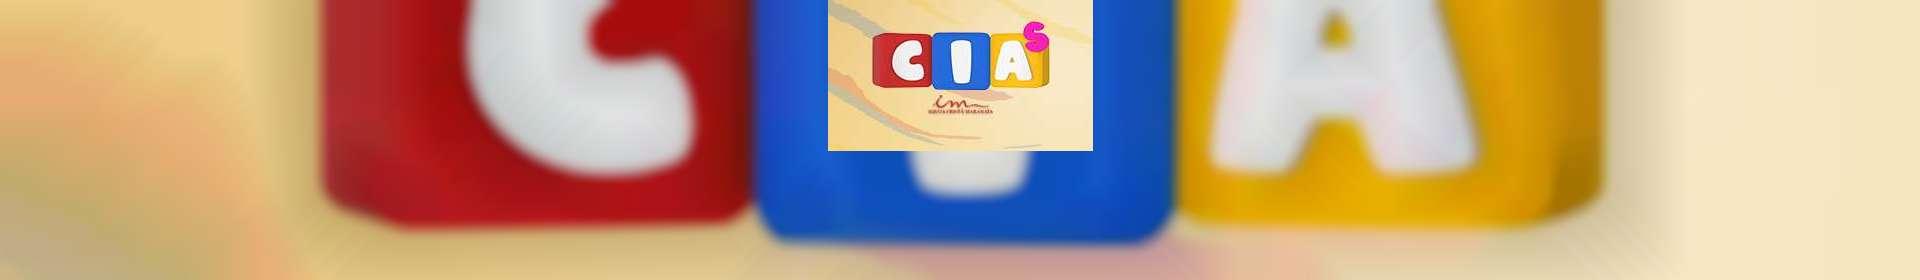 Aula de CIAS: classe de 7 a 11 anos - 24 de março de 2020